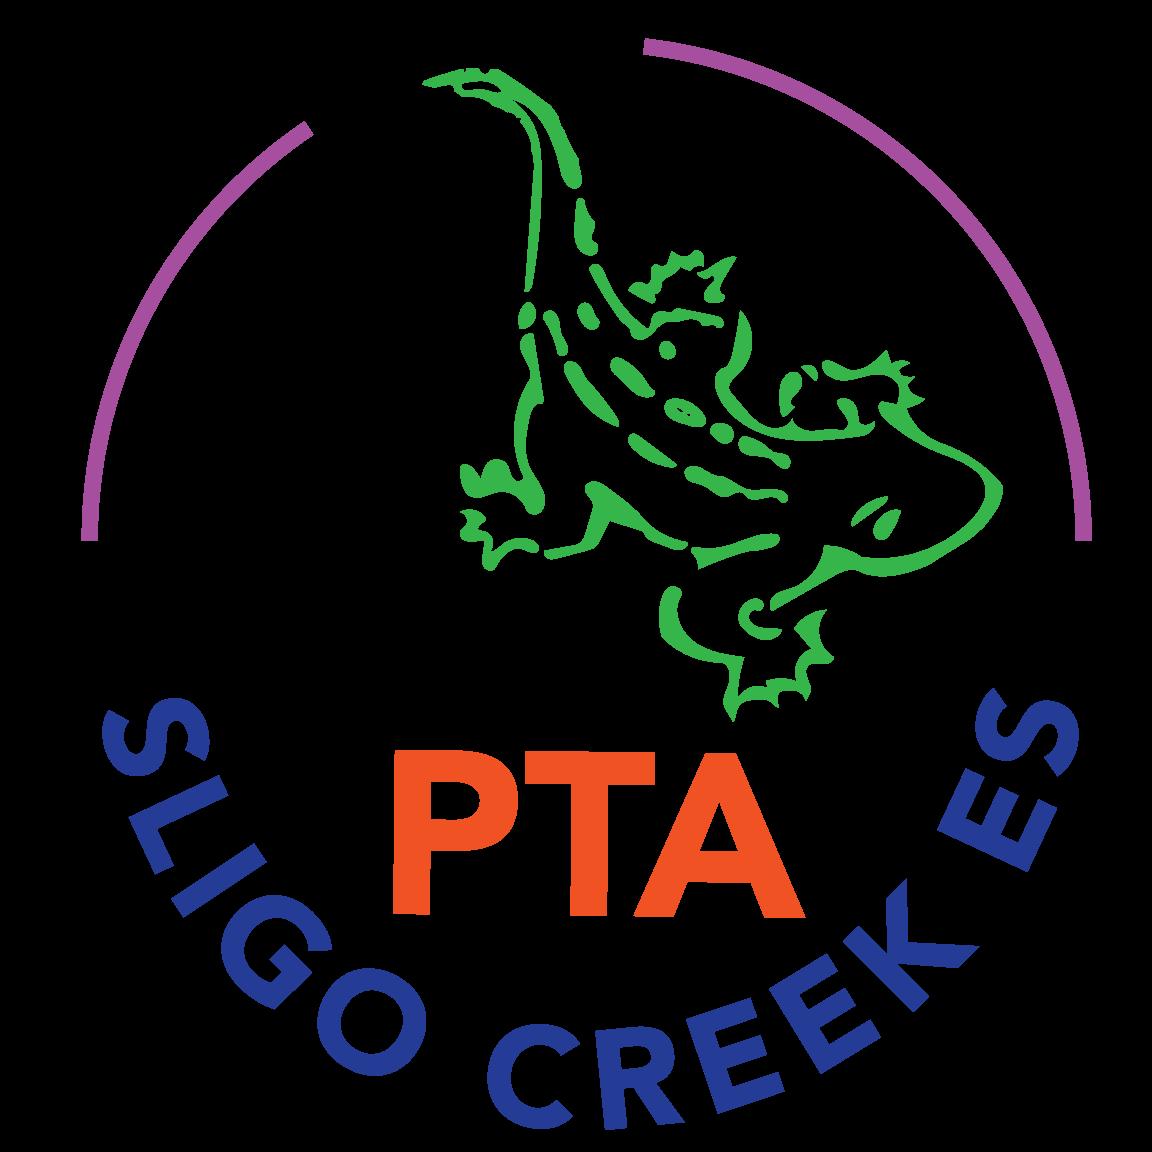 SCES PTA RGB logo